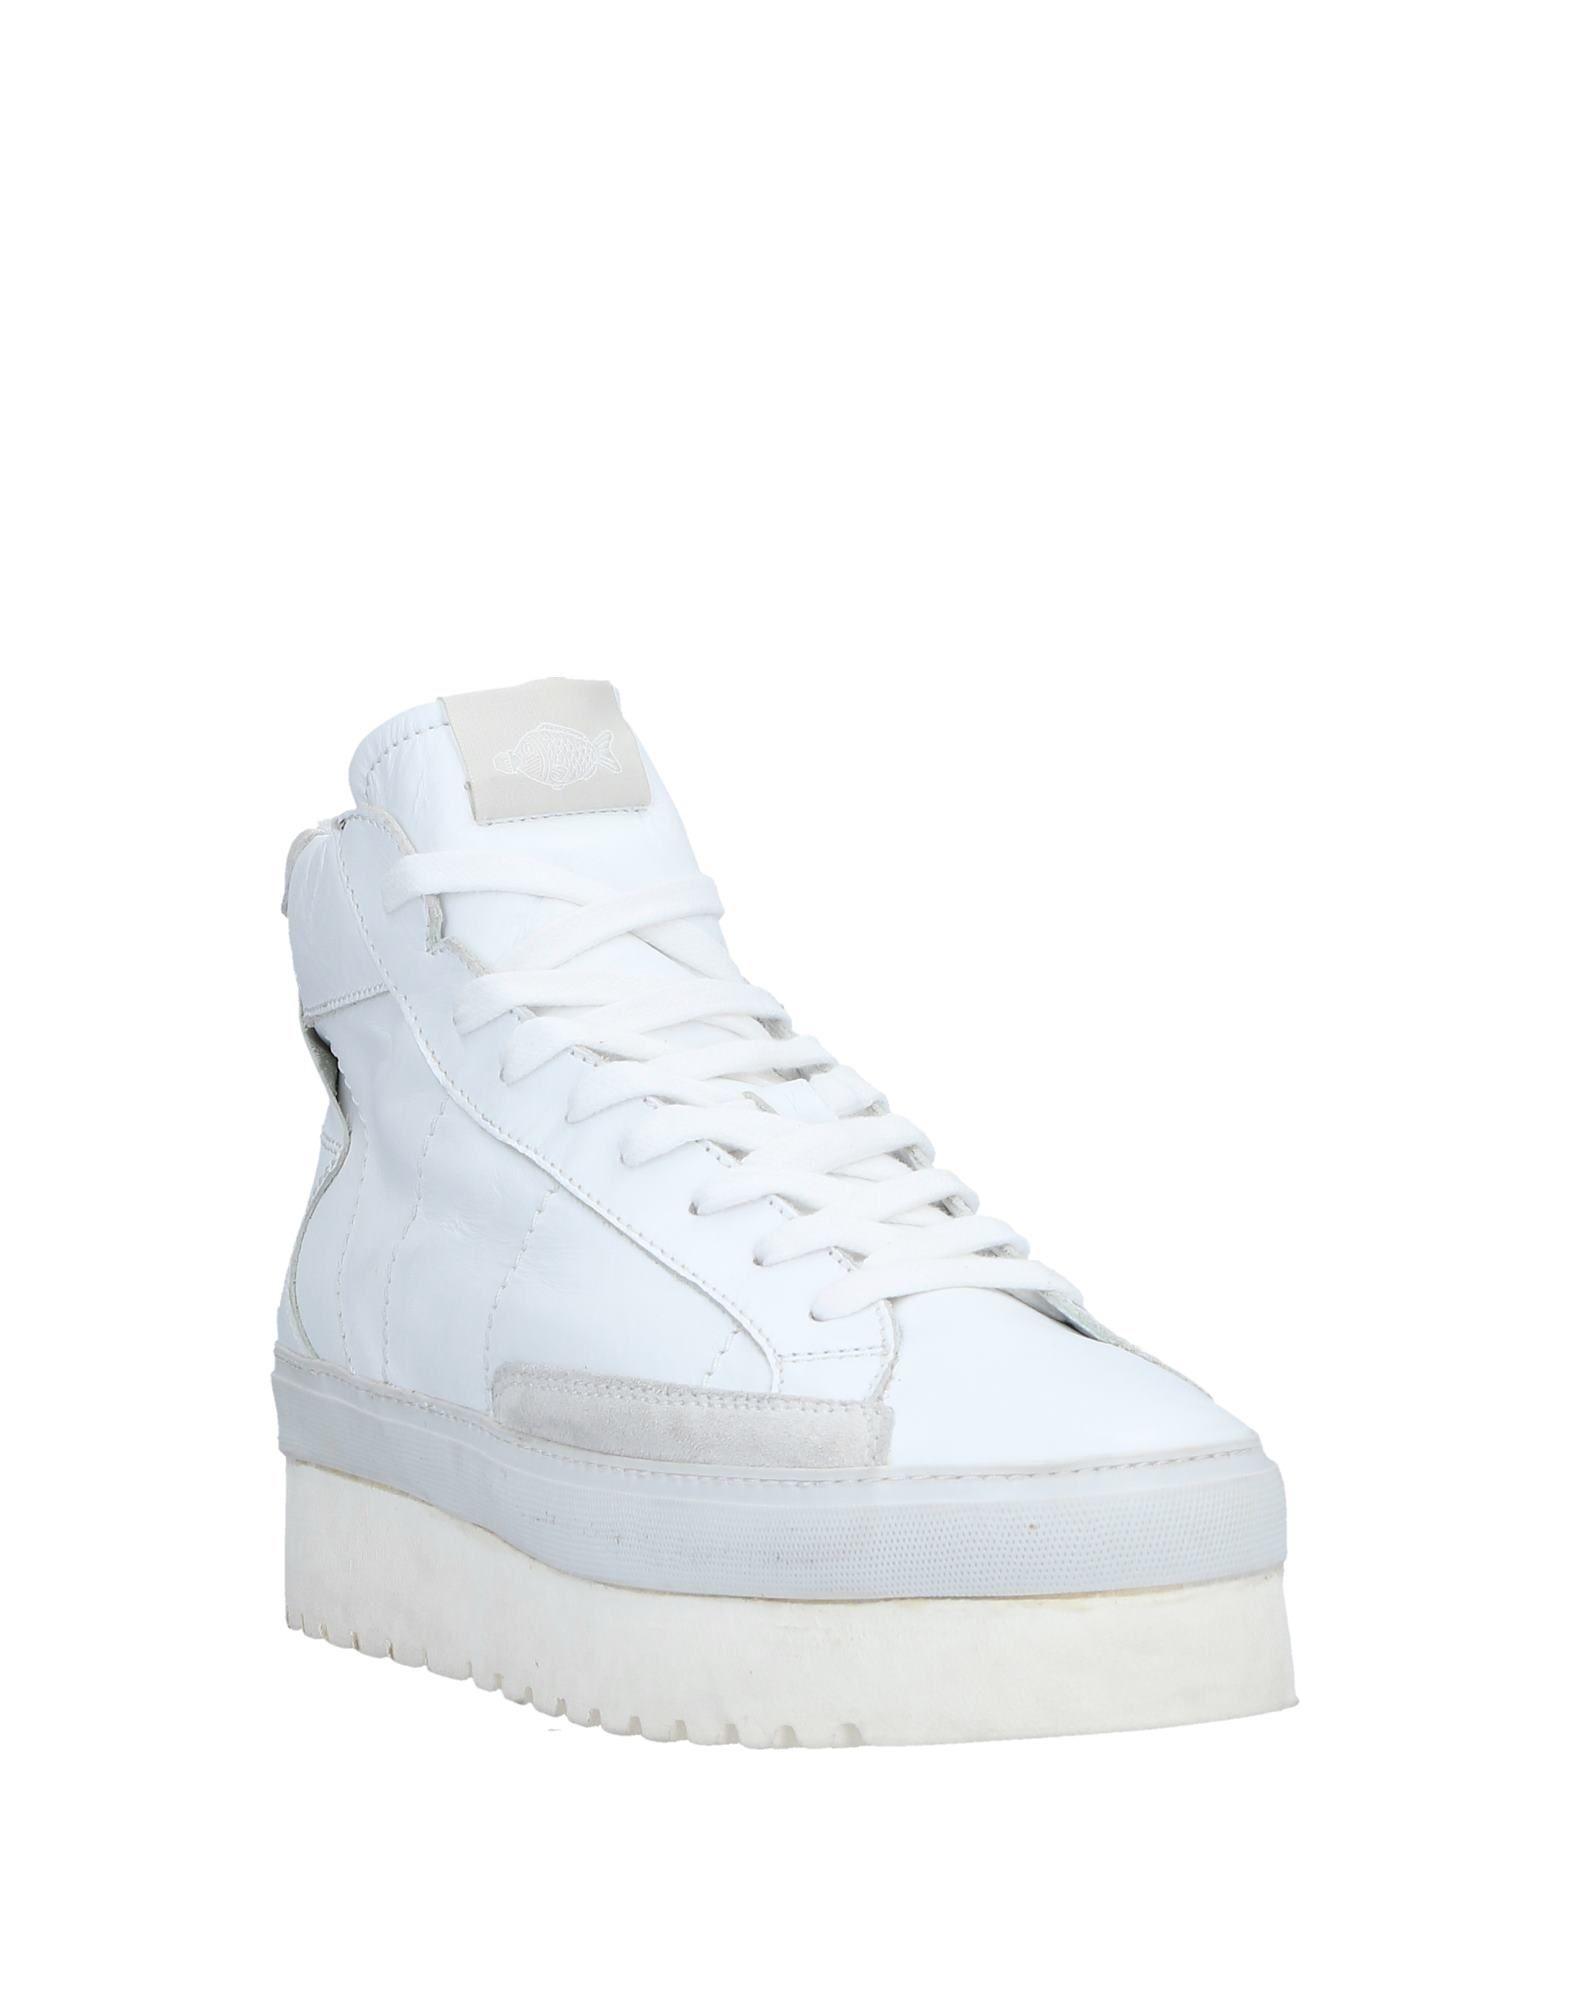 Soya Sneakers Fish Sneakers Soya Damen Gutes Preis-Leistungs-Verhältnis, es lohnt sich d5752e